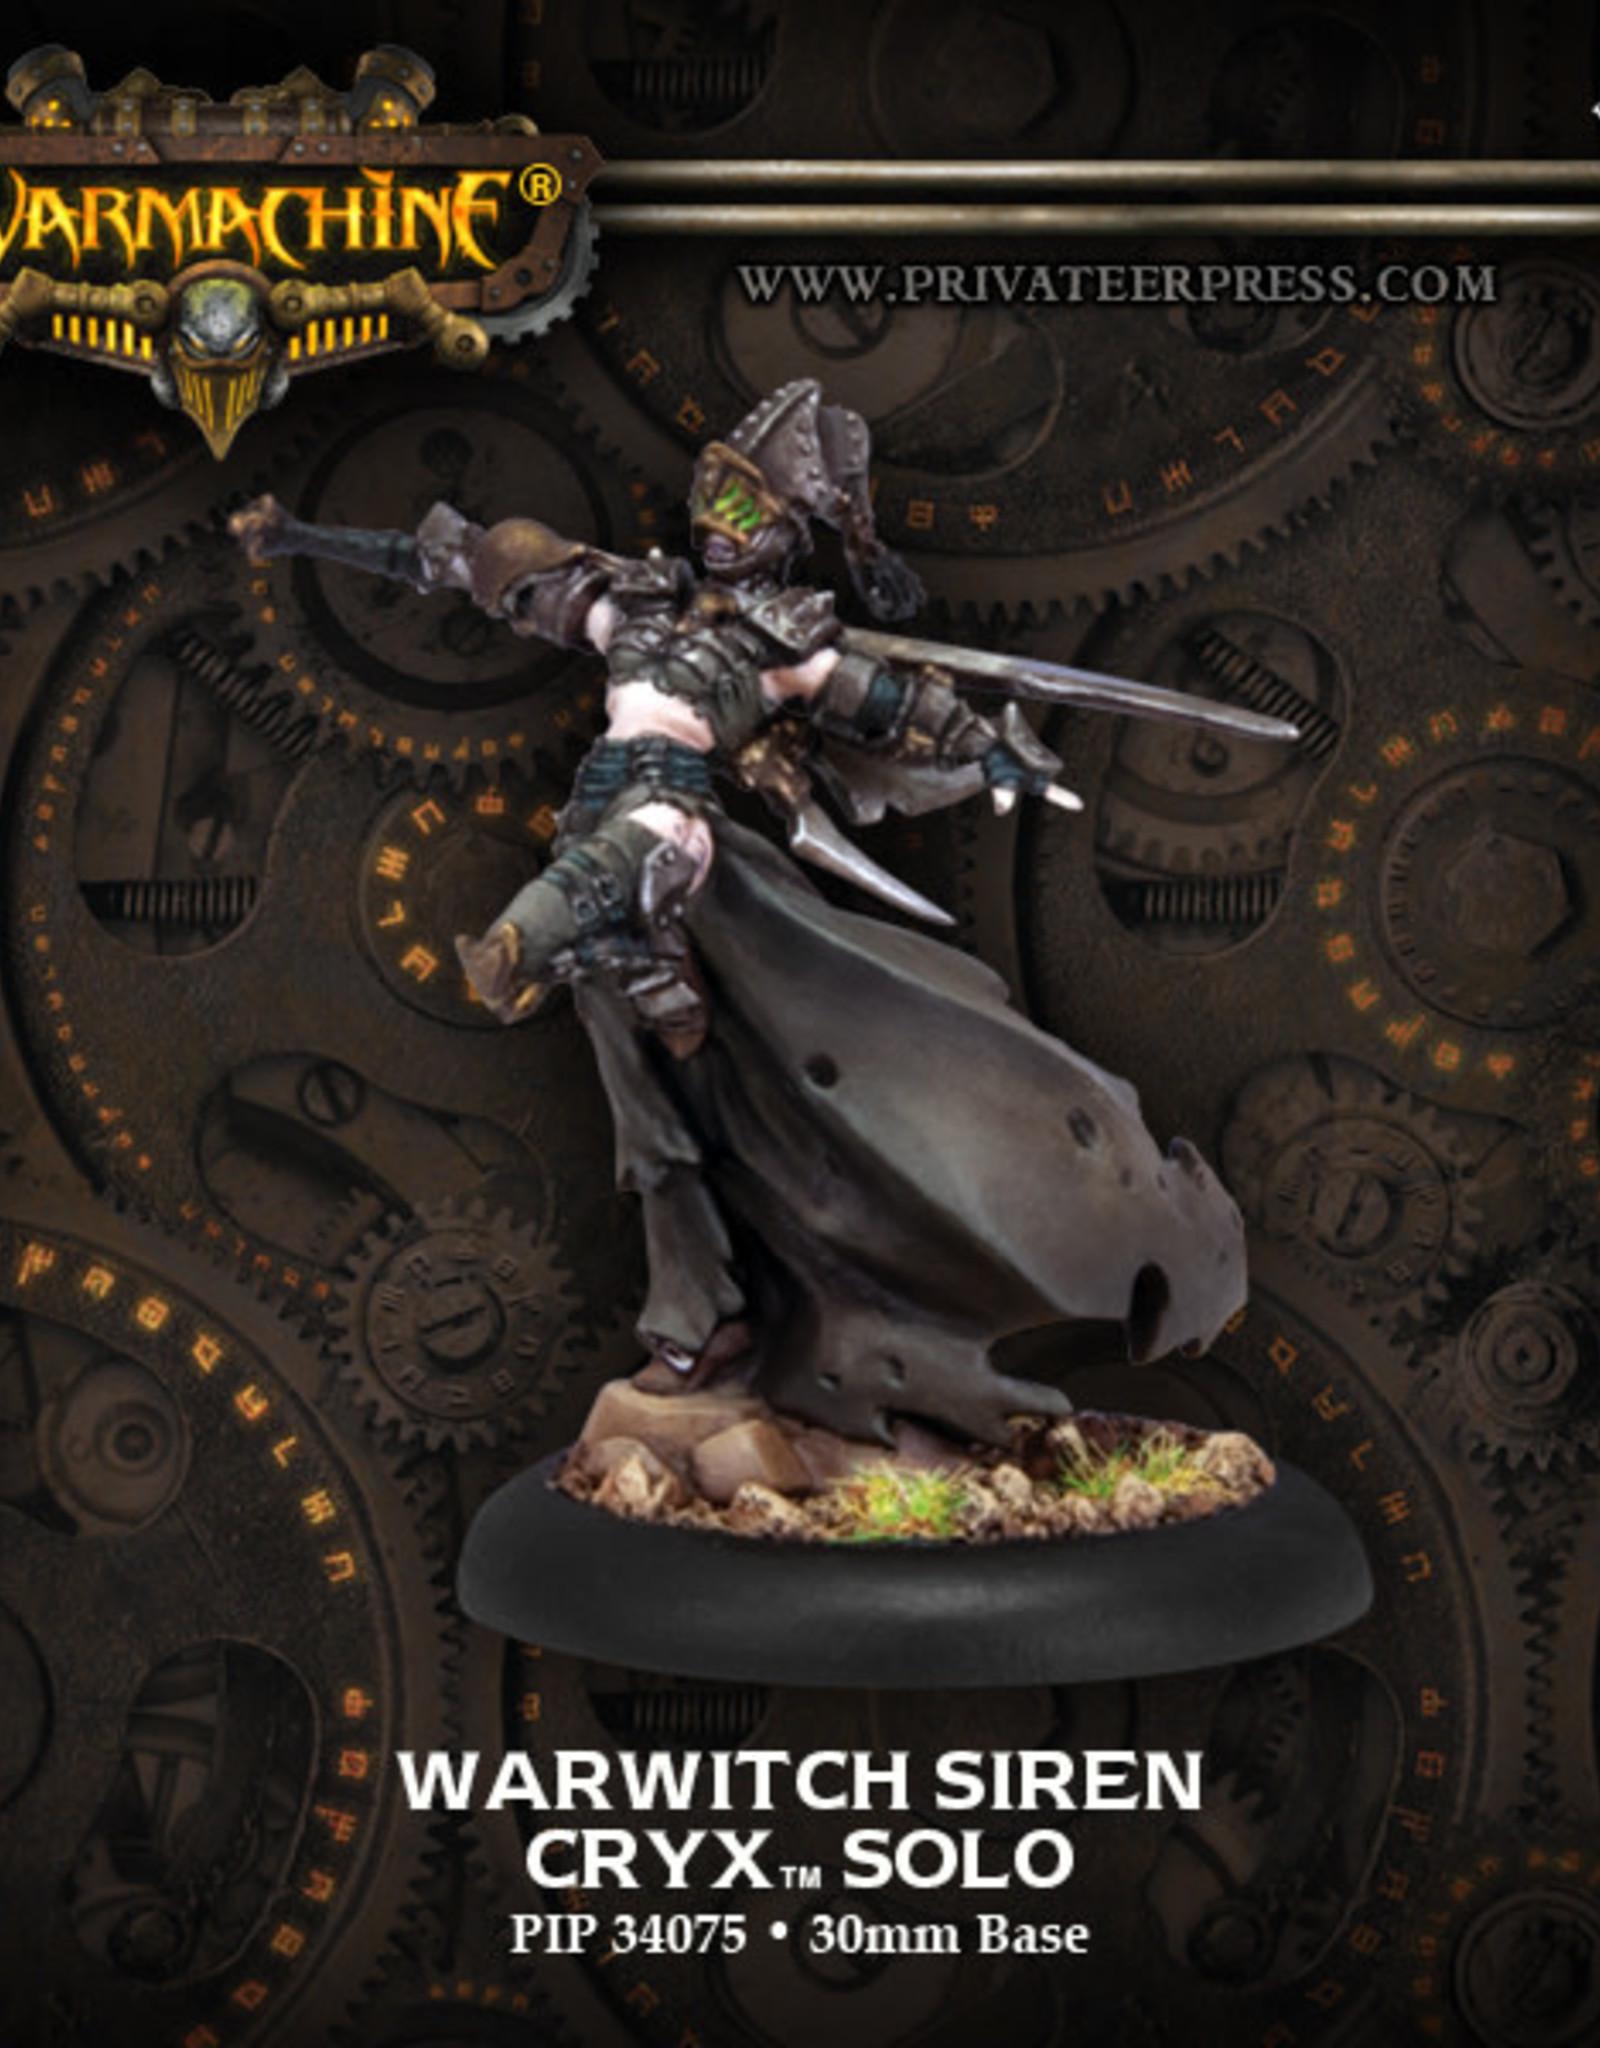 Warmachine Cryx - Warwitch Siren